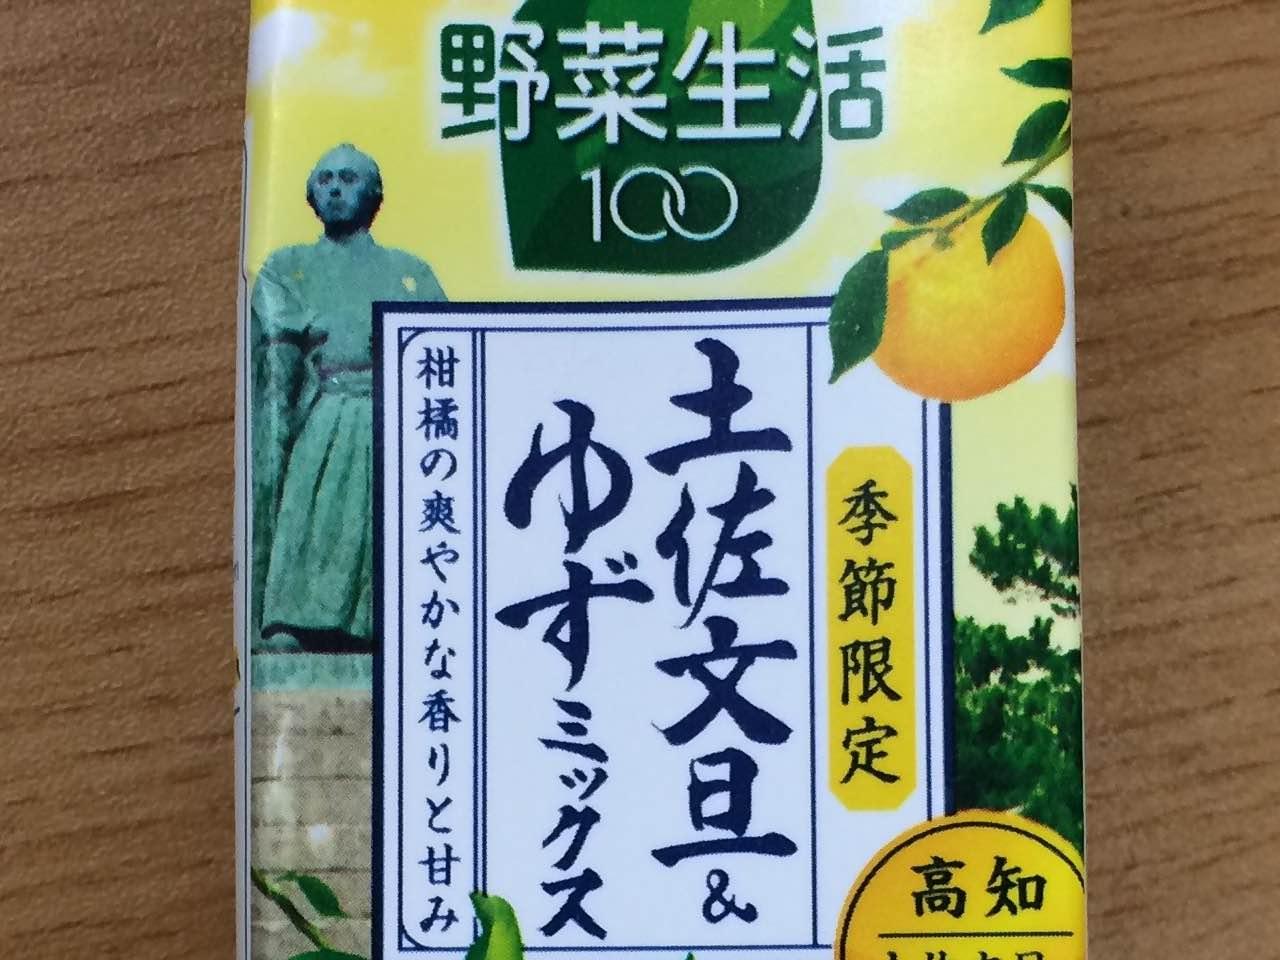 野菜生活100 土佐文旦&ゆずミックス